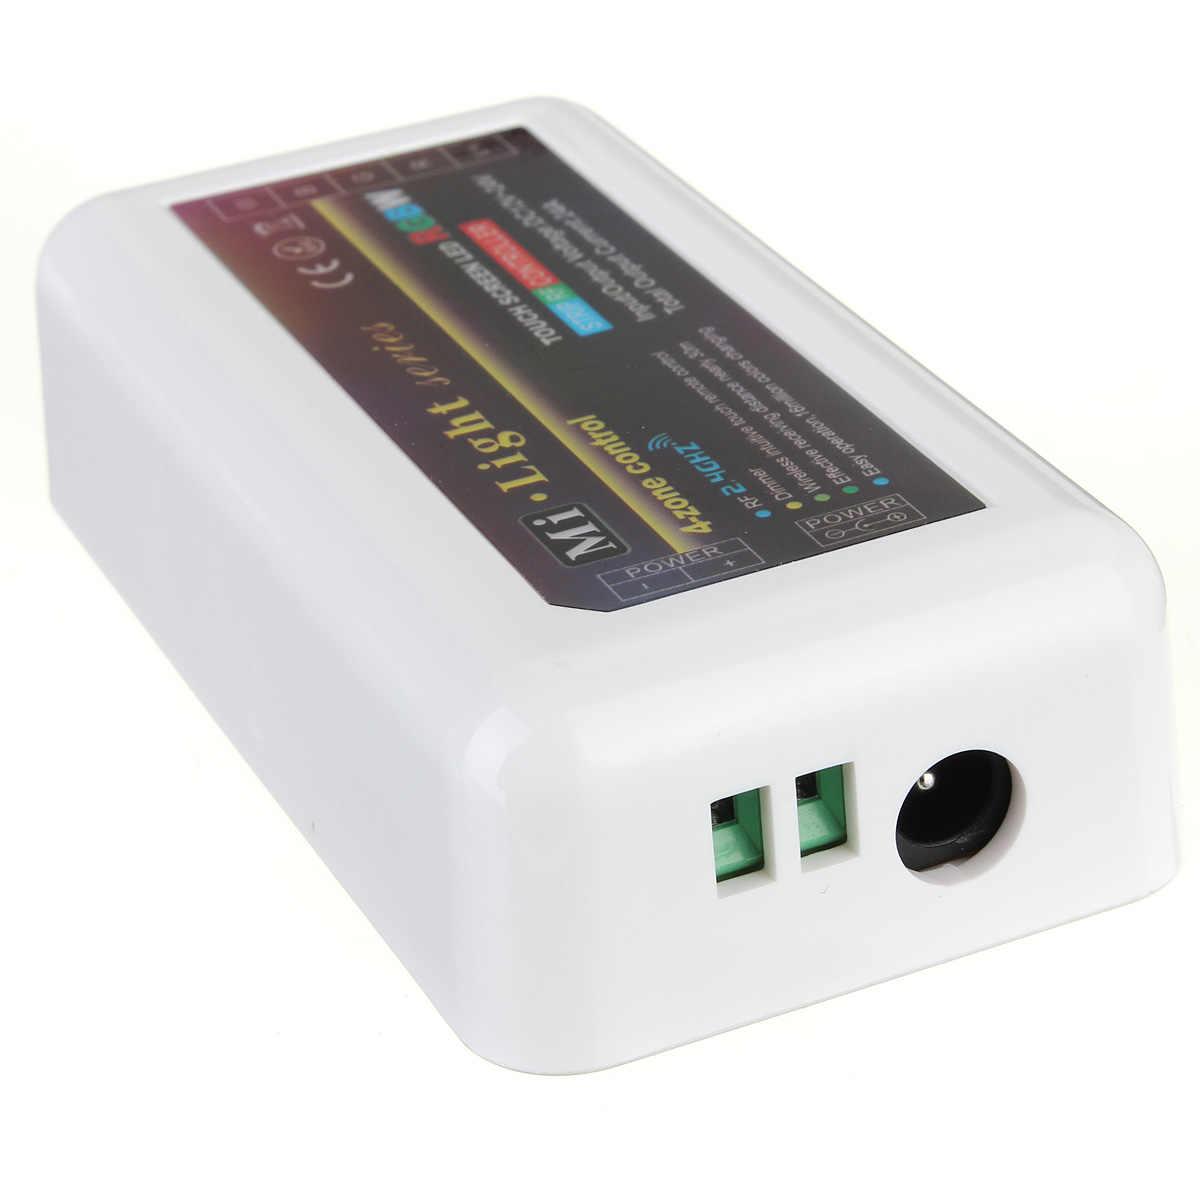 2.4G sans fil mi-lumière RF télécommande 4 zones WiFi RGBW WW/CW contrôleur de bande de LED RGB